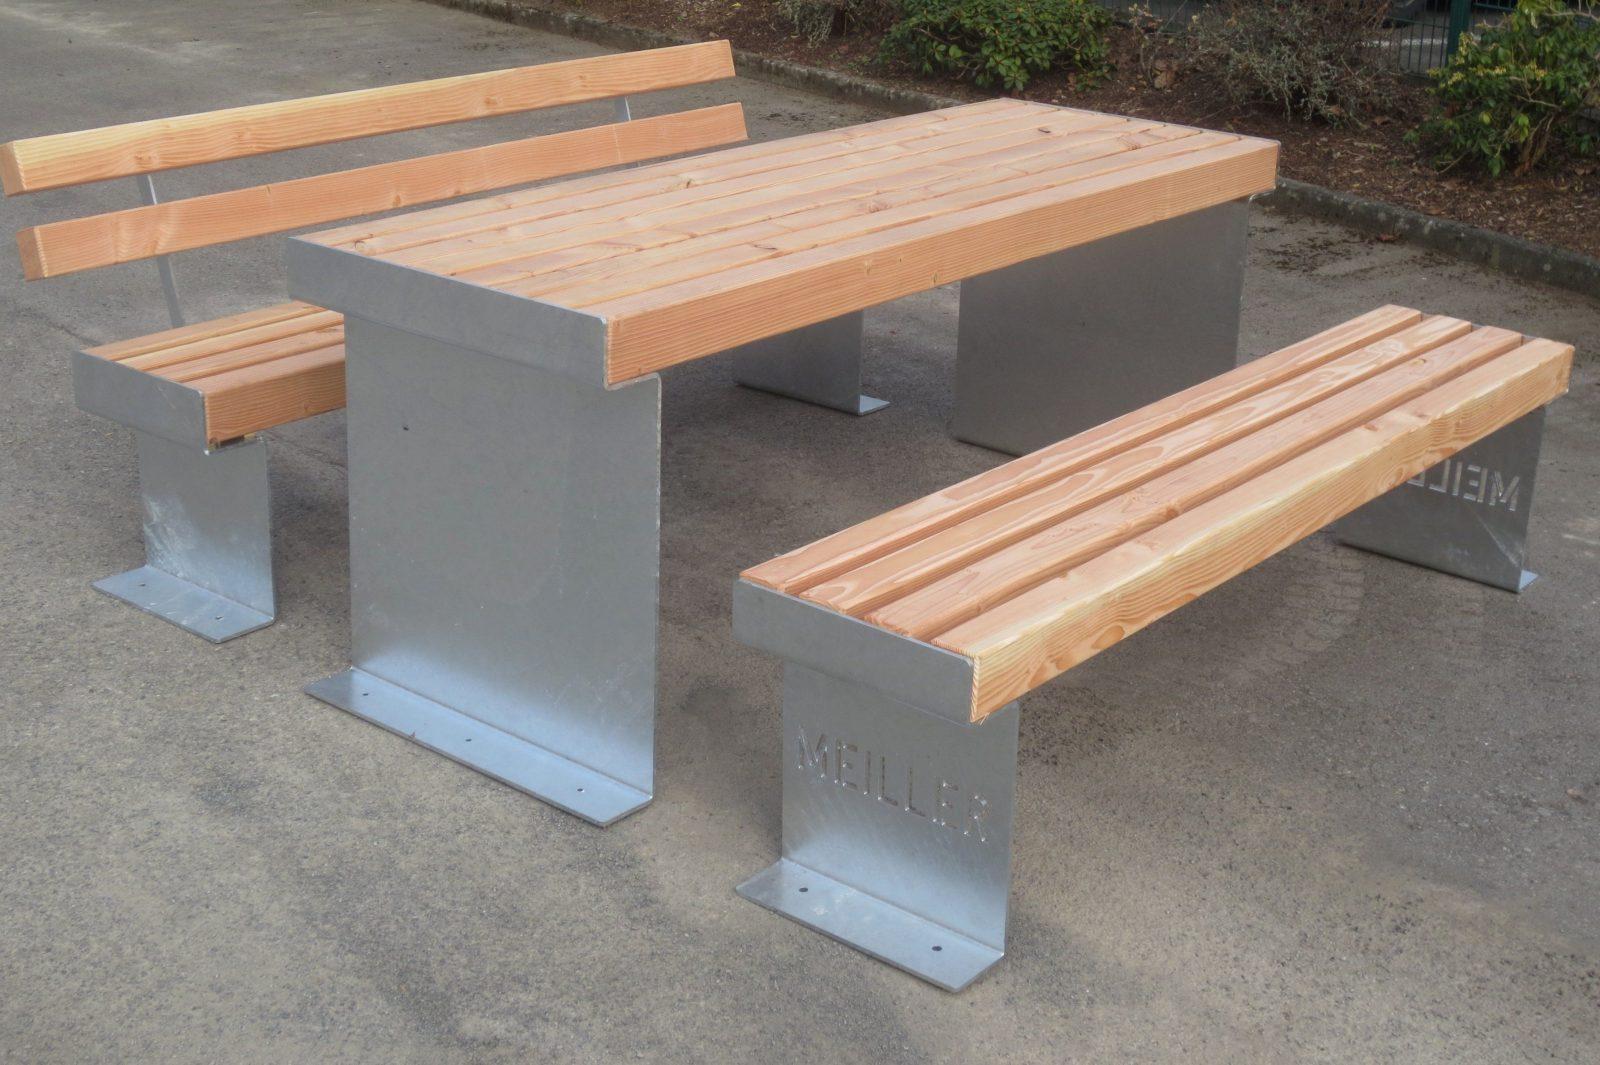 Oben Tisch Bank Kombination Hzxpp Sitzbank Kinder Gartenmobel Mit von Tisch Bank Kombination Selber Bauen Bild